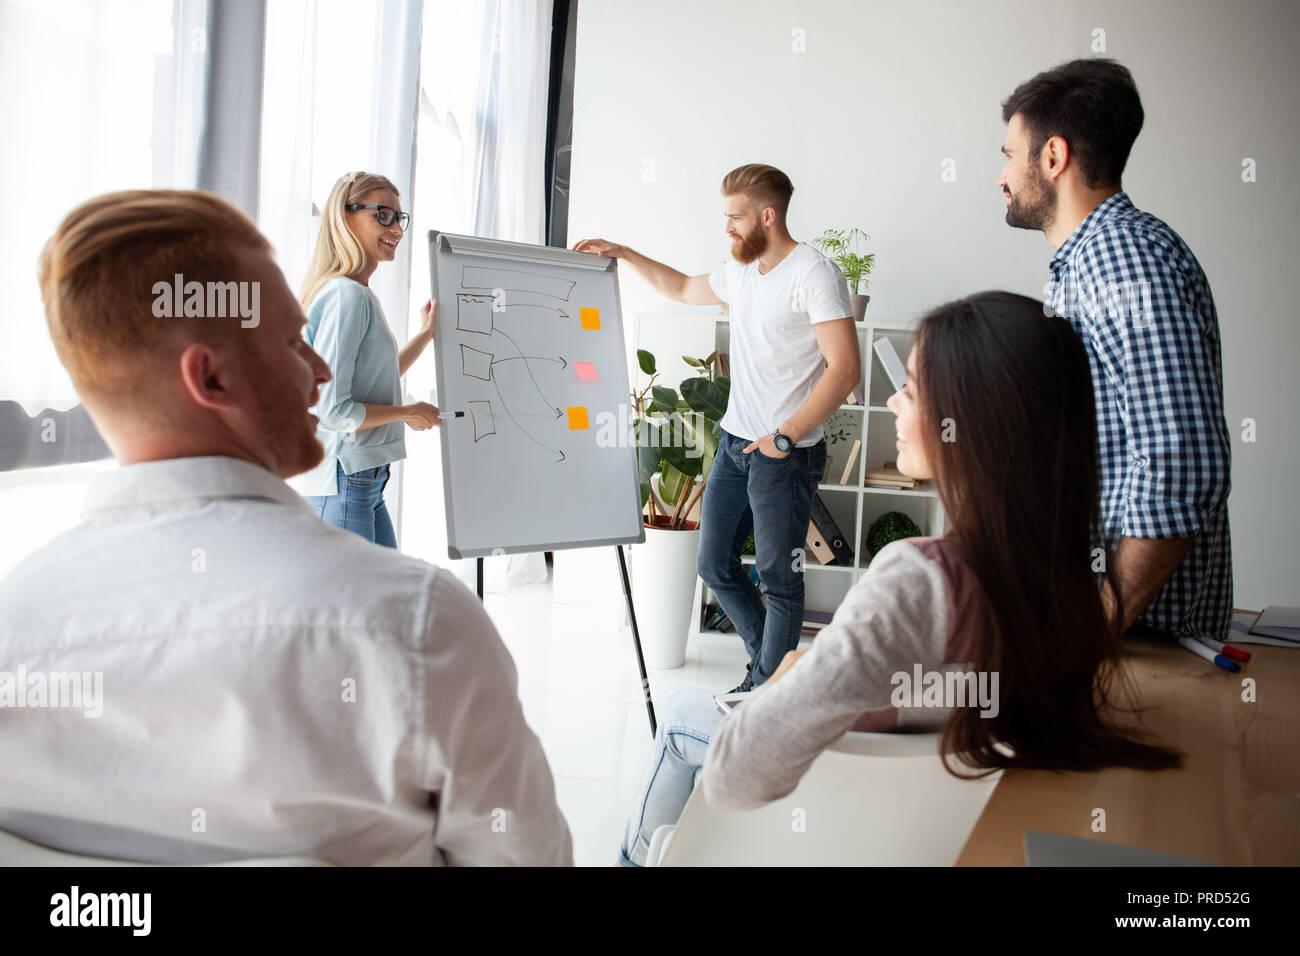 El desarrollo de la nueva estrategia. Dos jóvenes colegas realizando presentación mientras trabaja con su equipo comercial en la oficina. Imagen De Stock